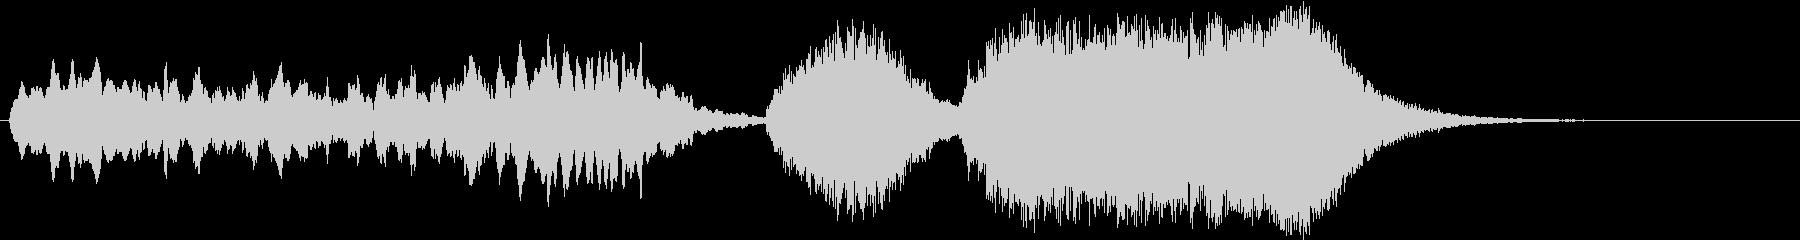 開幕のファンファーレの未再生の波形